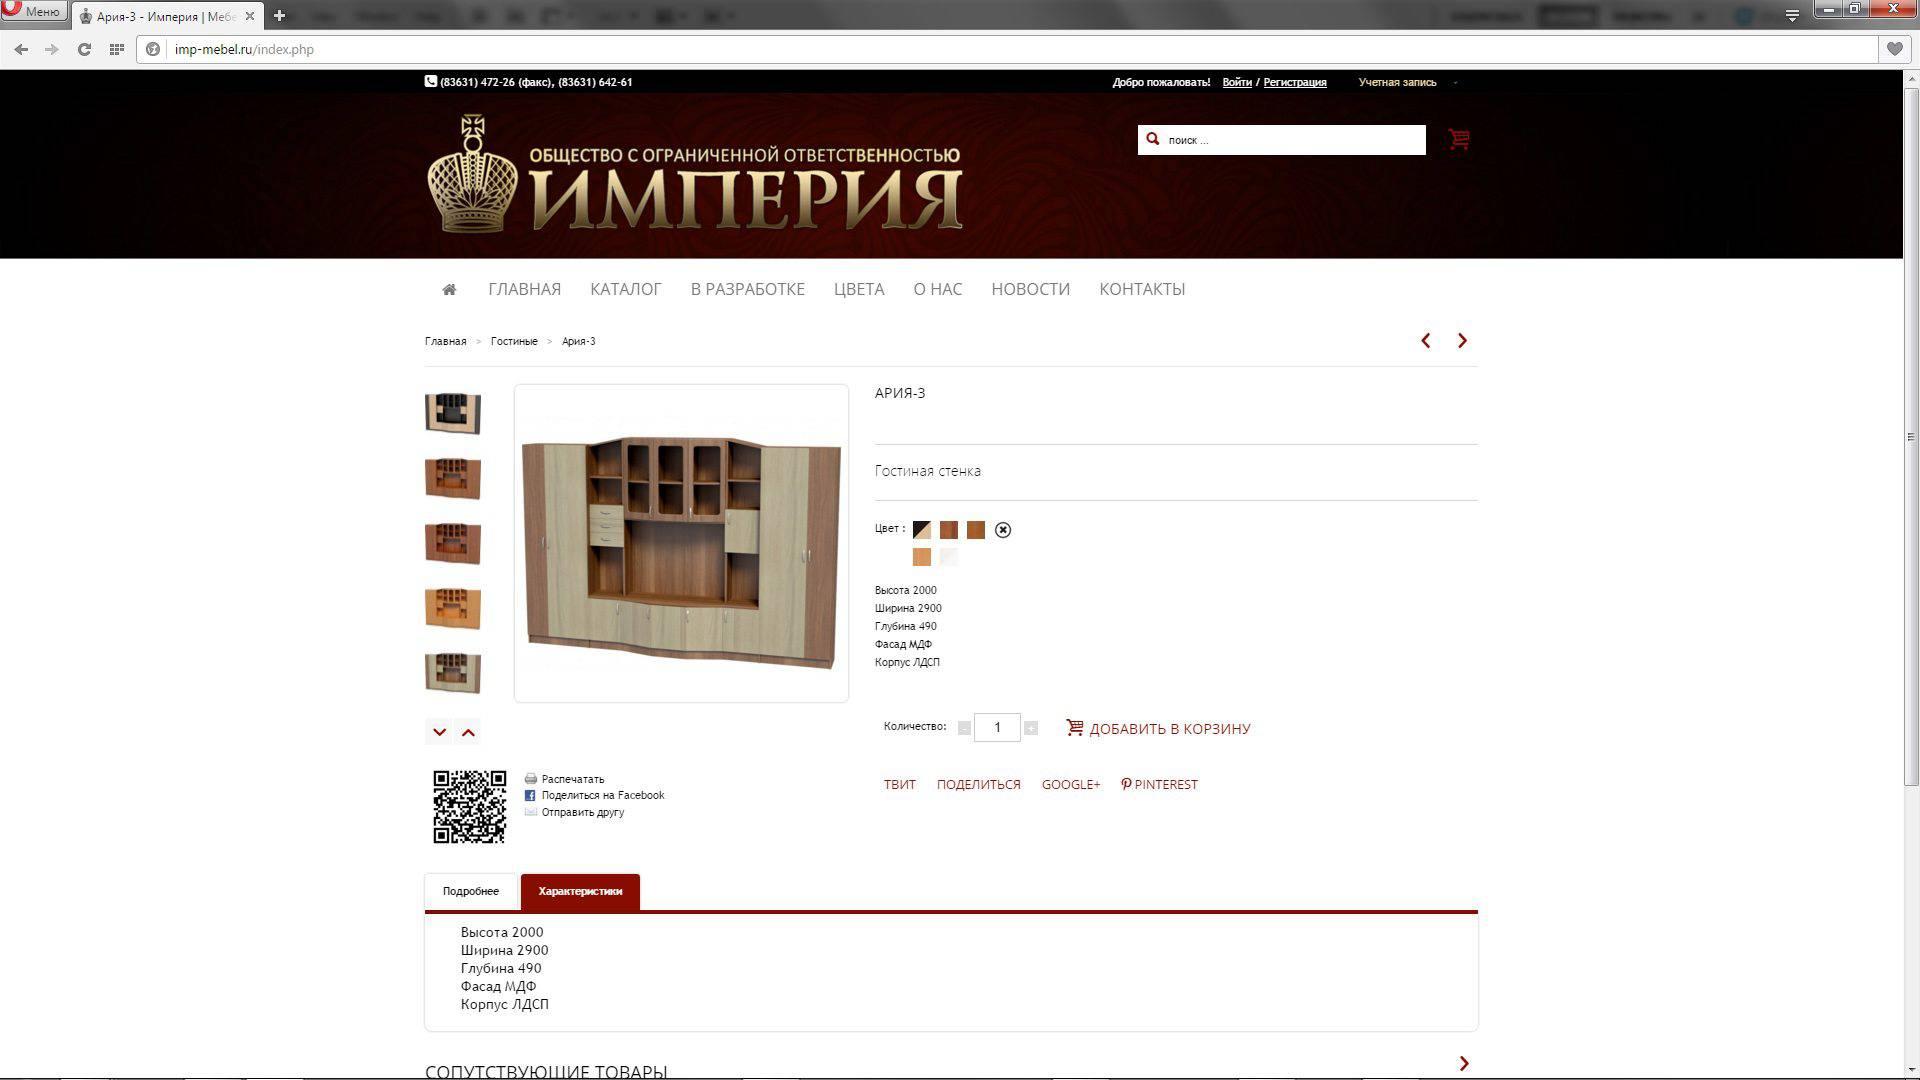 """Сайт """"Империя"""" - Страница товара"""